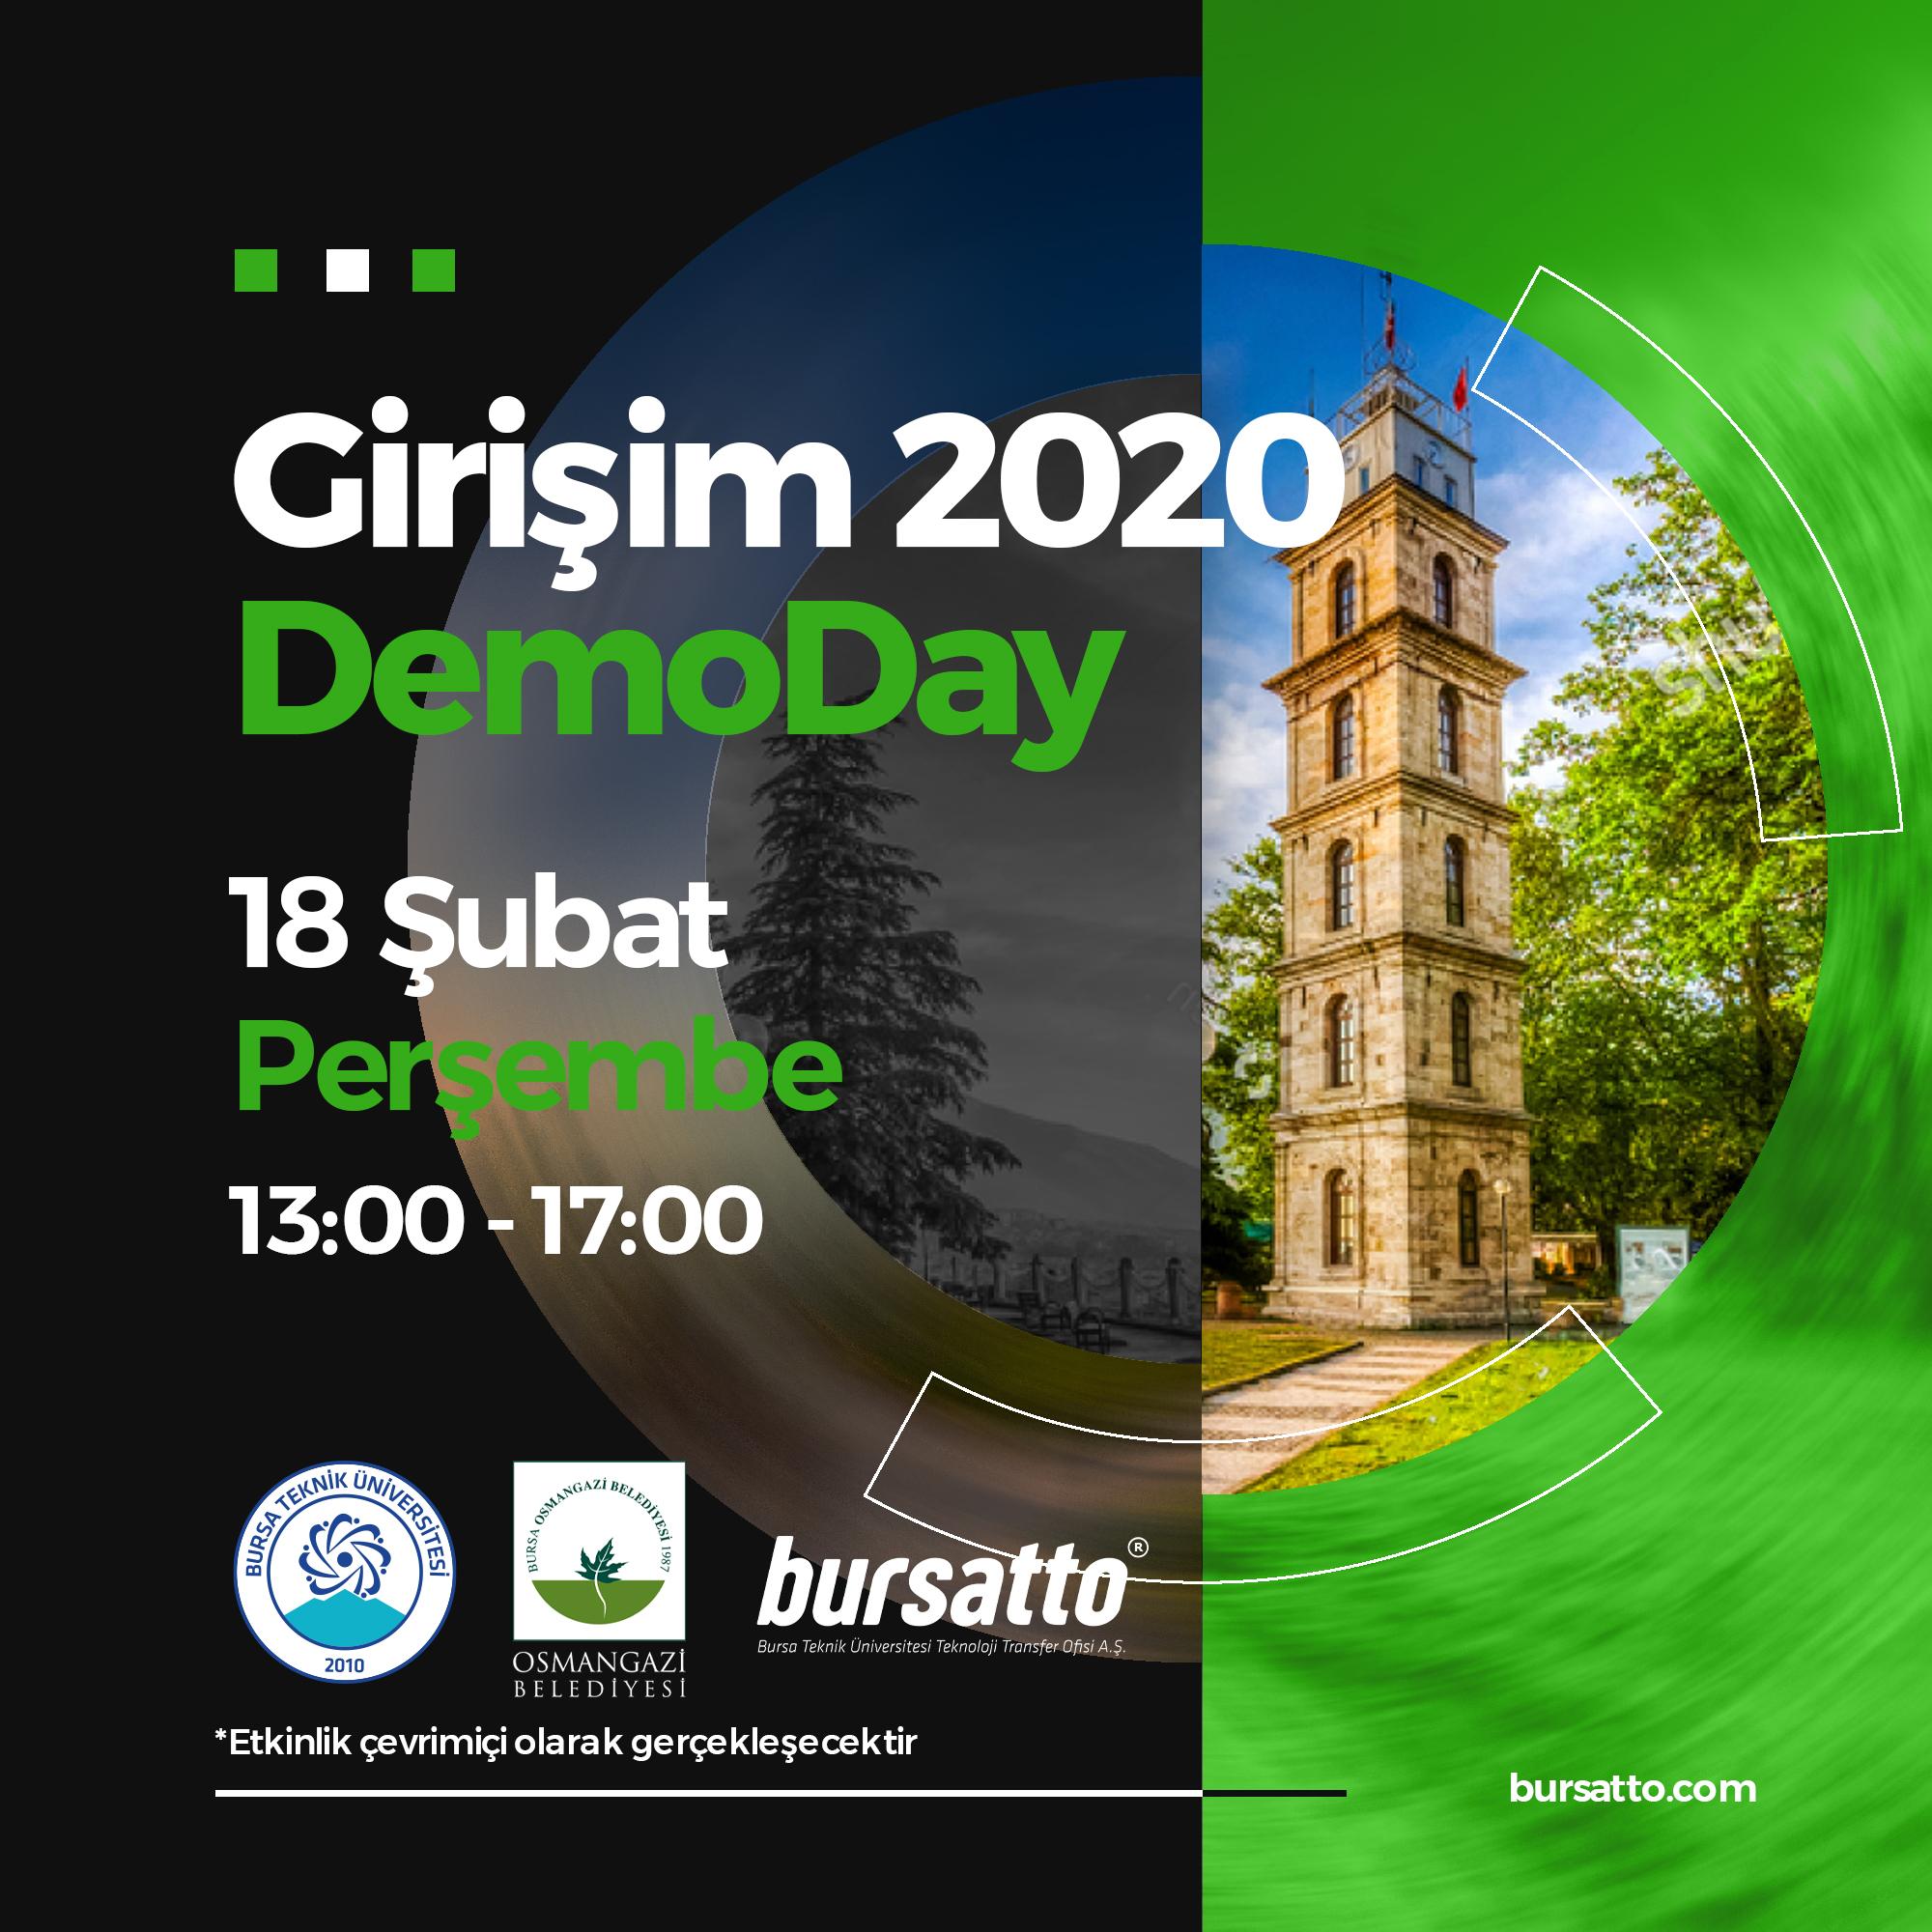 Girişim2020 Demoday